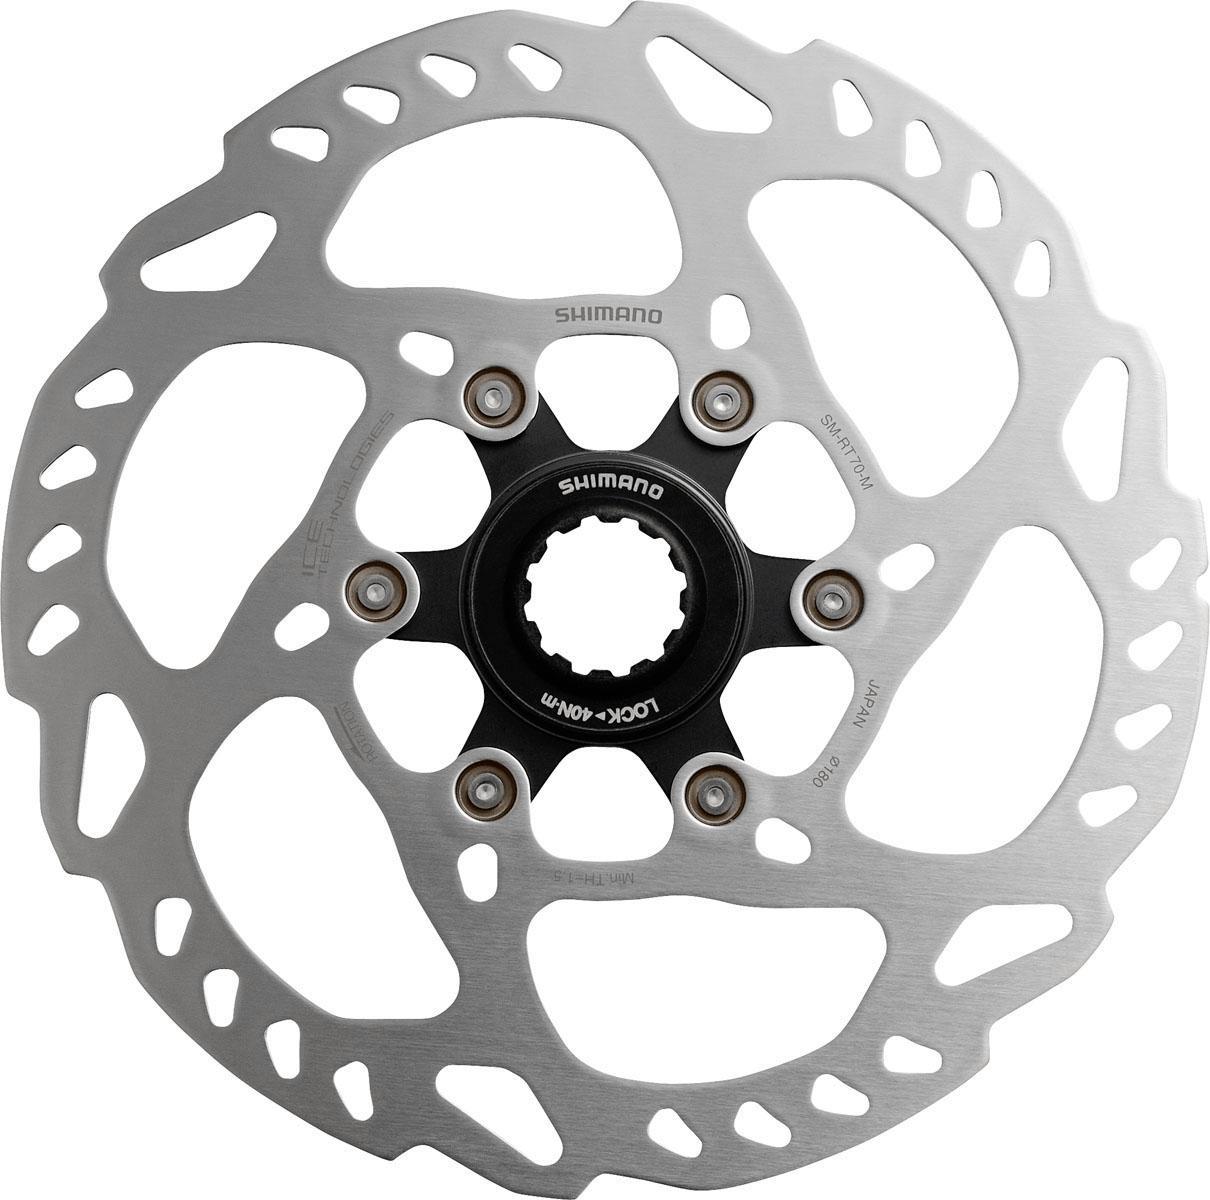 Shimano Bremsscheibe SM-RT70M (1-tlg) Technik & Freizeit/Sport & Freizeit/Fahrräder & Zubehör/Fahrradzubehör/Fahrradteile/Fahrradbremsen